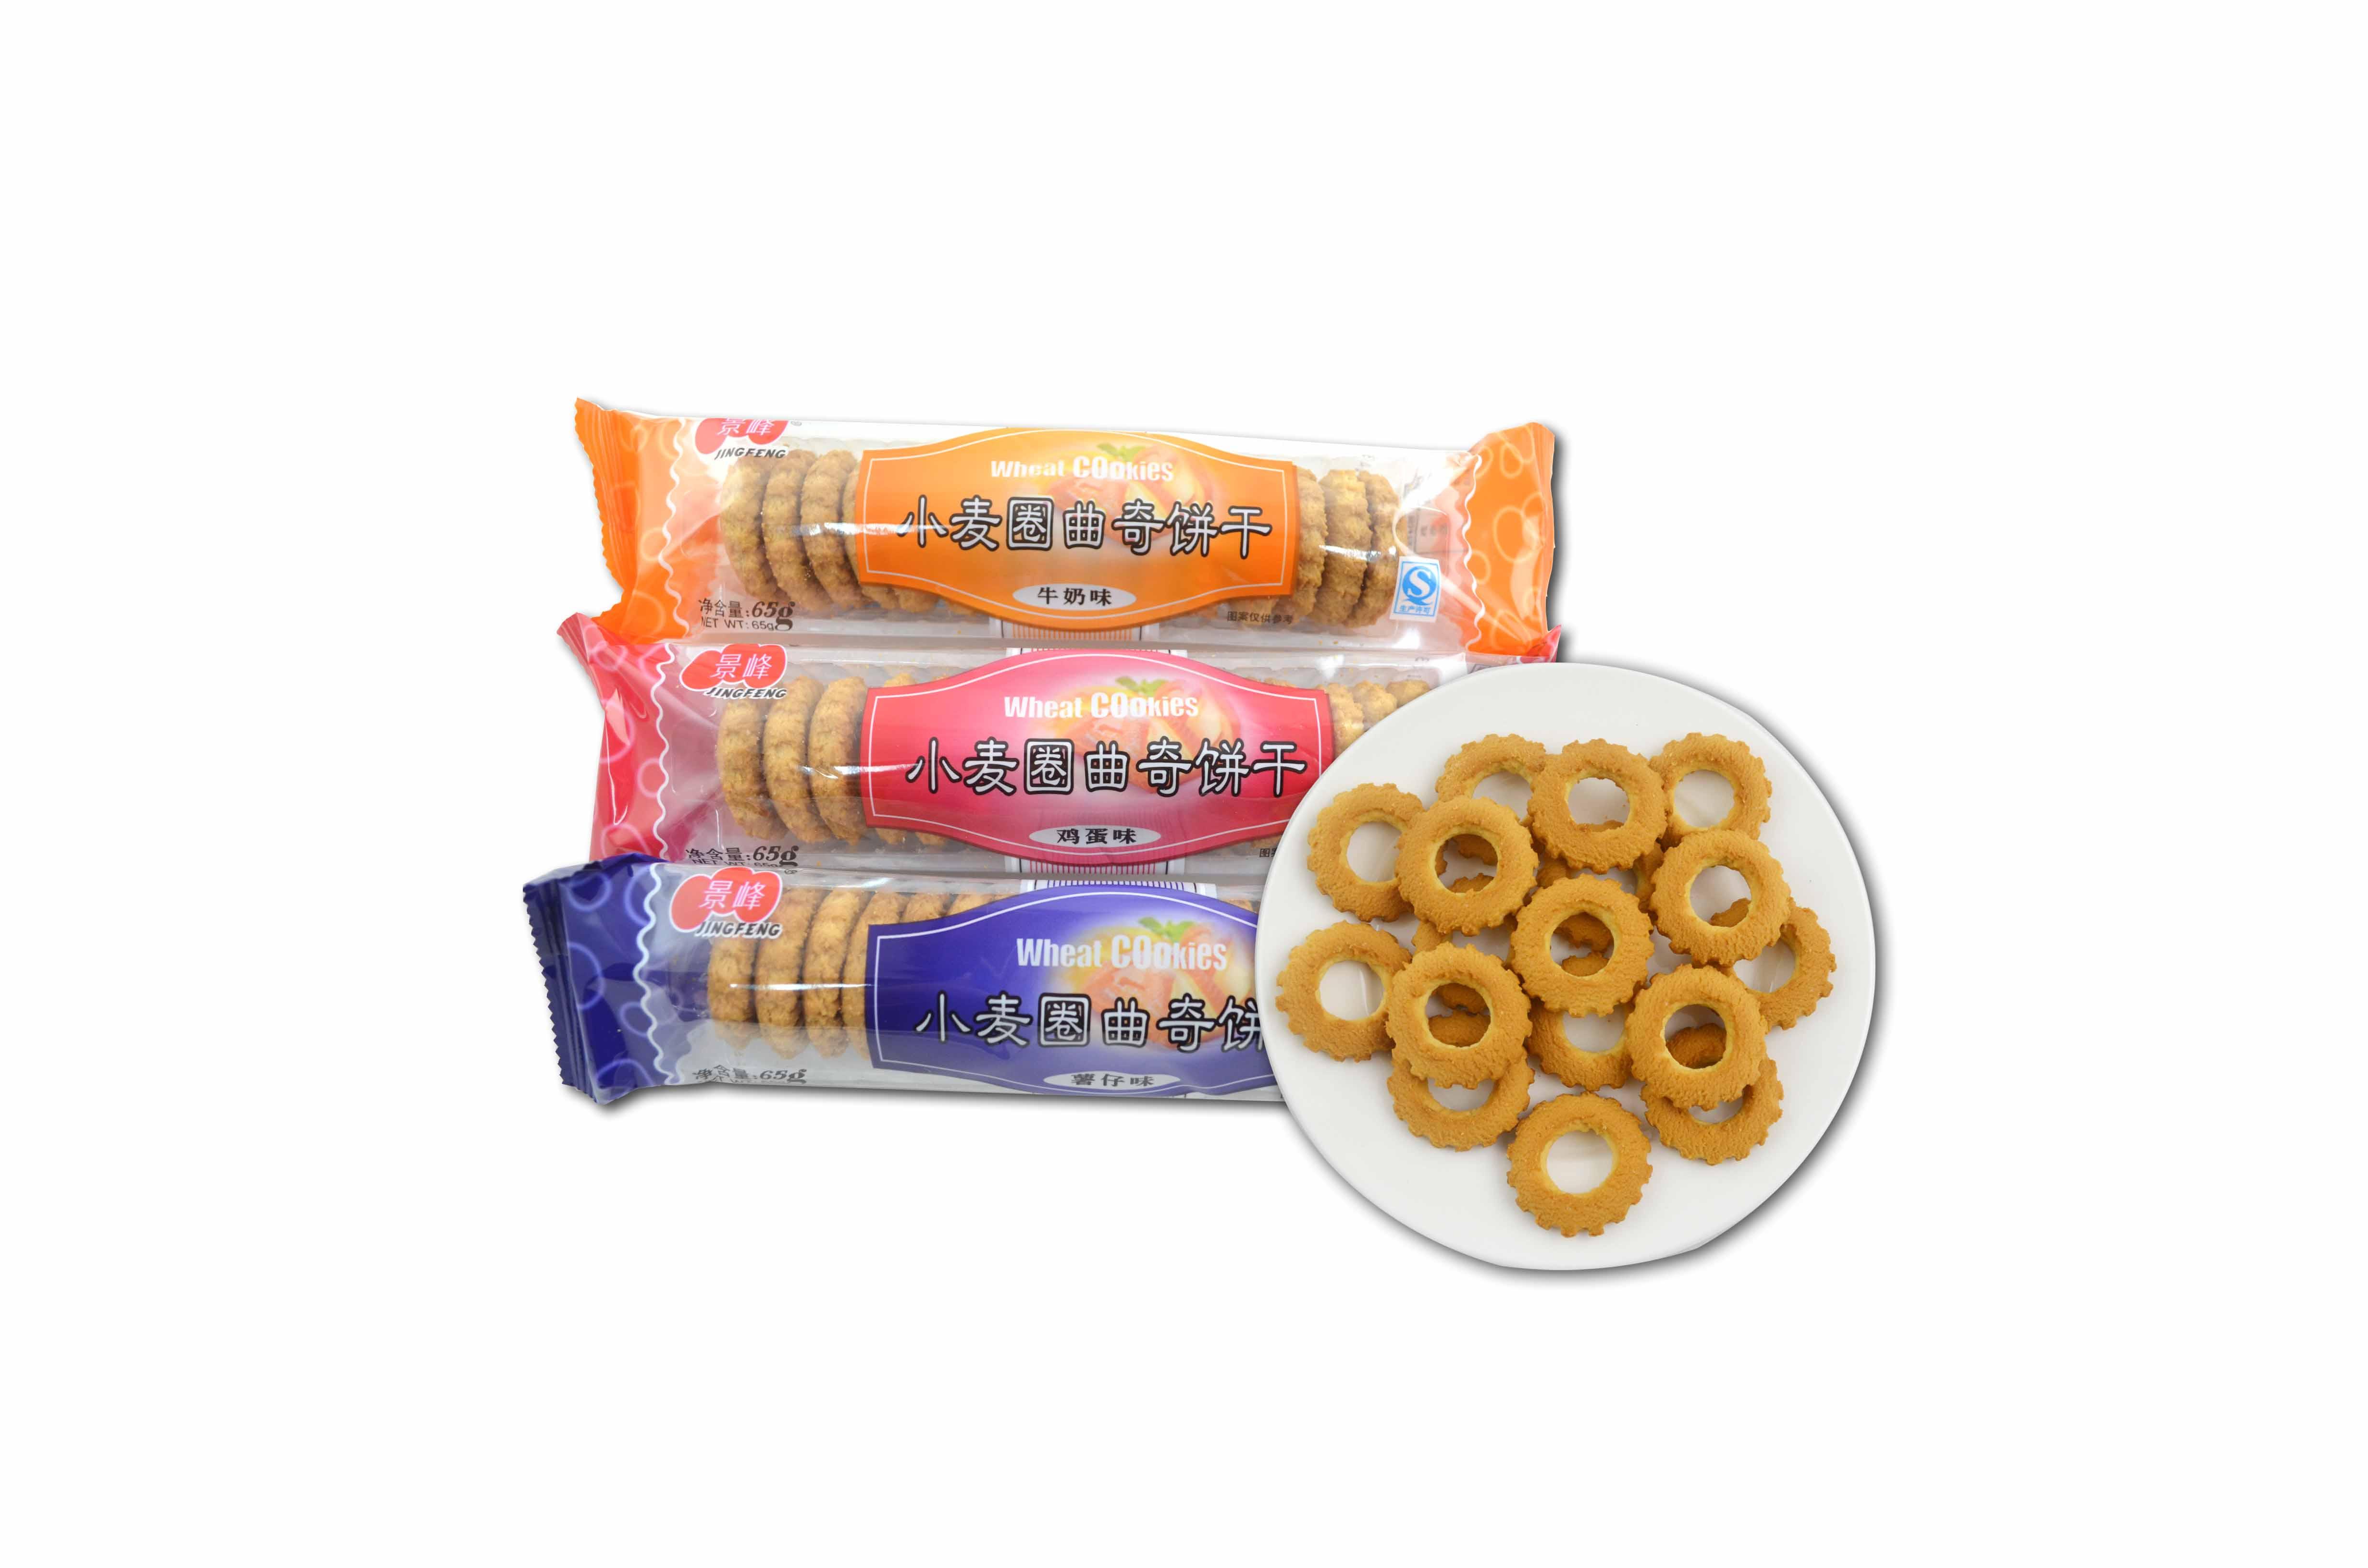 小麦圈曲奇饼干(65g)